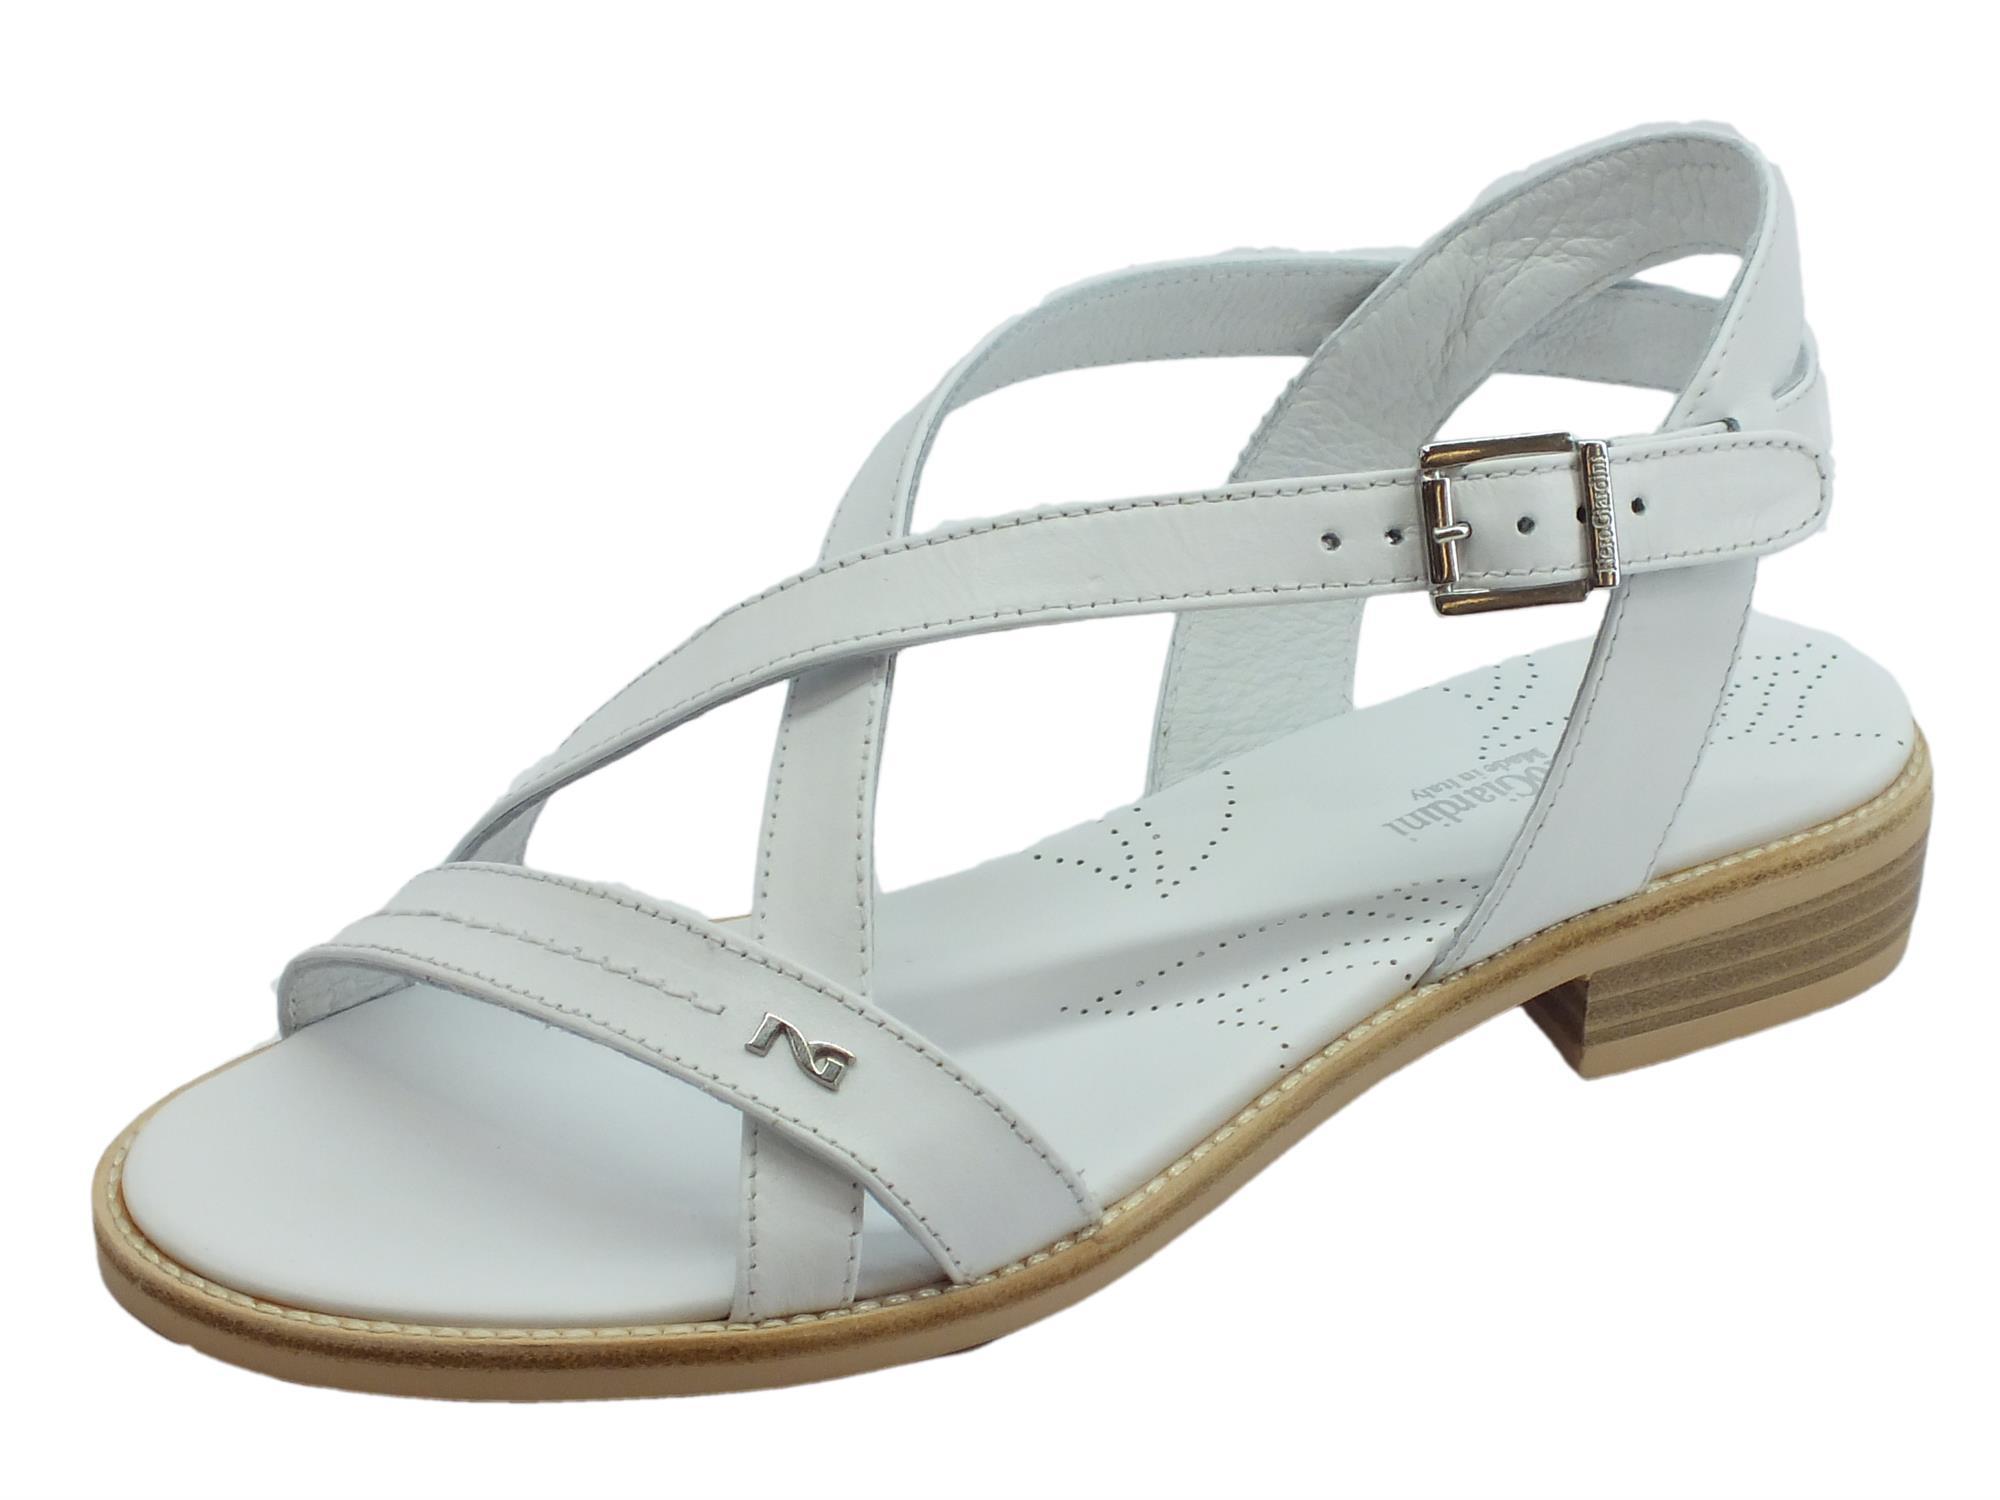 903b6fa0049a6 NeroGiardini P908230D Tigri Bianco sandali donna tacco basso in pelle  incrociata